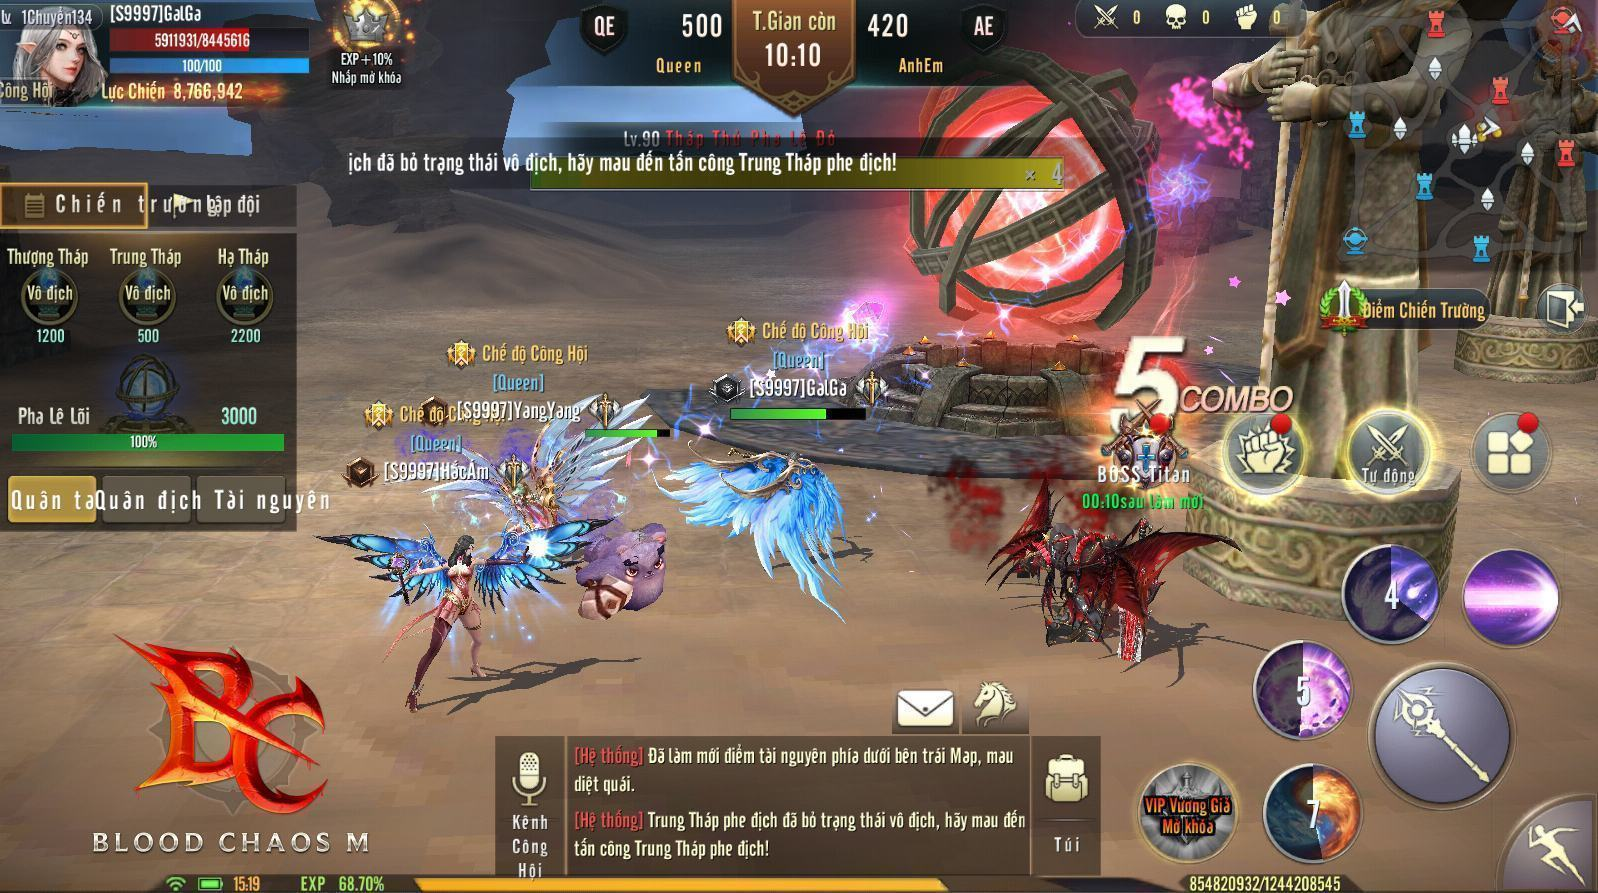 Game thủ Việt - Hàn - Thái nói gì về Blood Chaos M - siêu phẩm nhập vai 18+ sắp ra mắt?